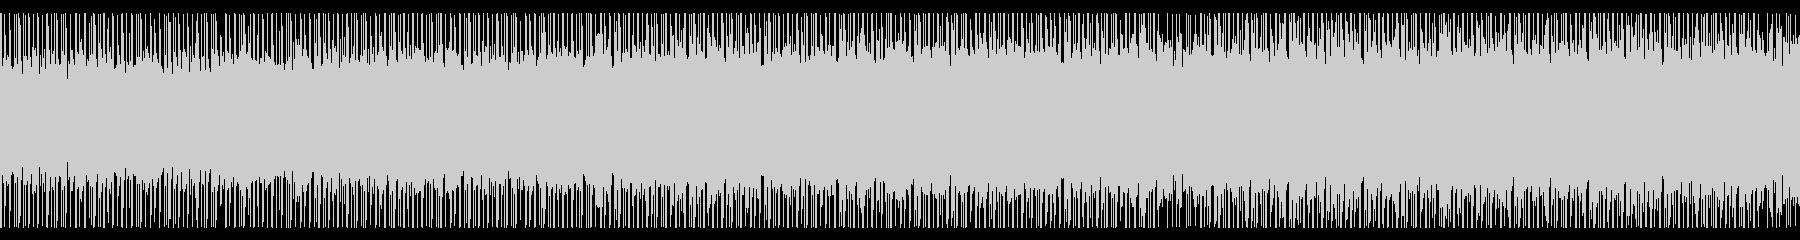 やる気を感じる(ループ)の未再生の波形